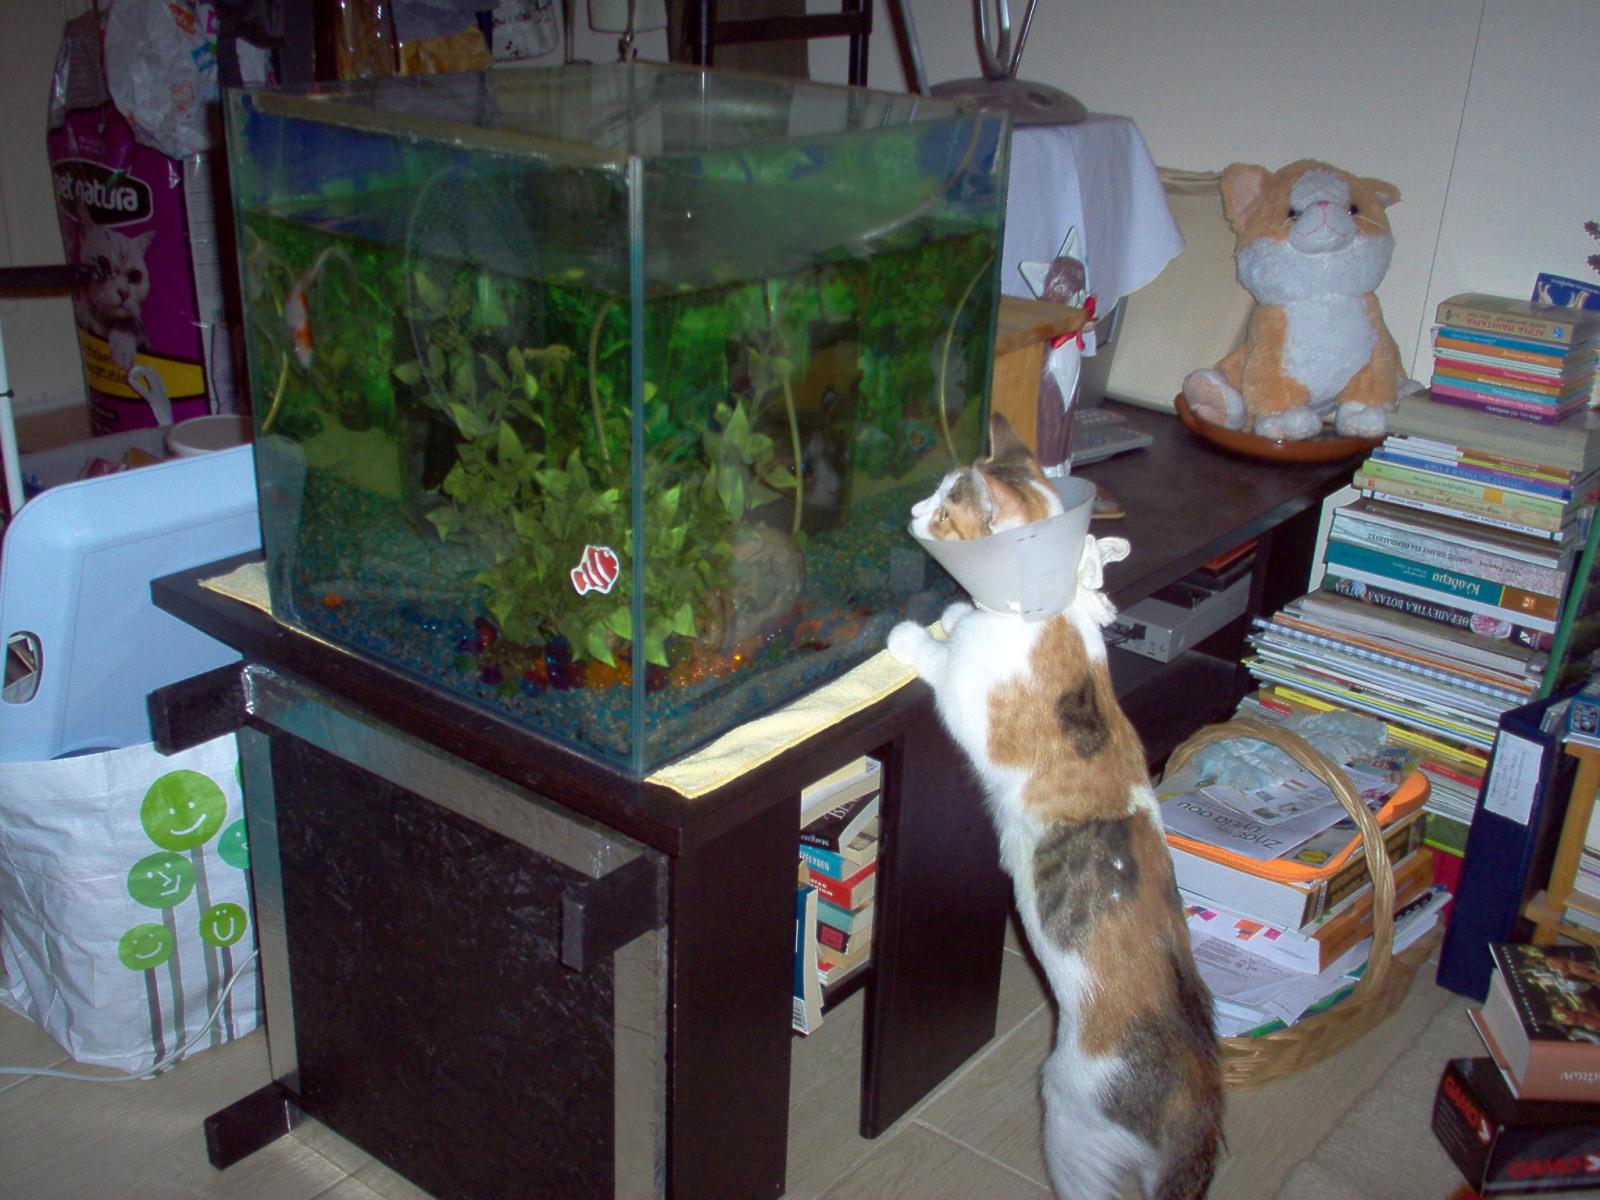 Βοηθεια, γατακι 1 ημερας - Σελίδα 13 2ldc5k1